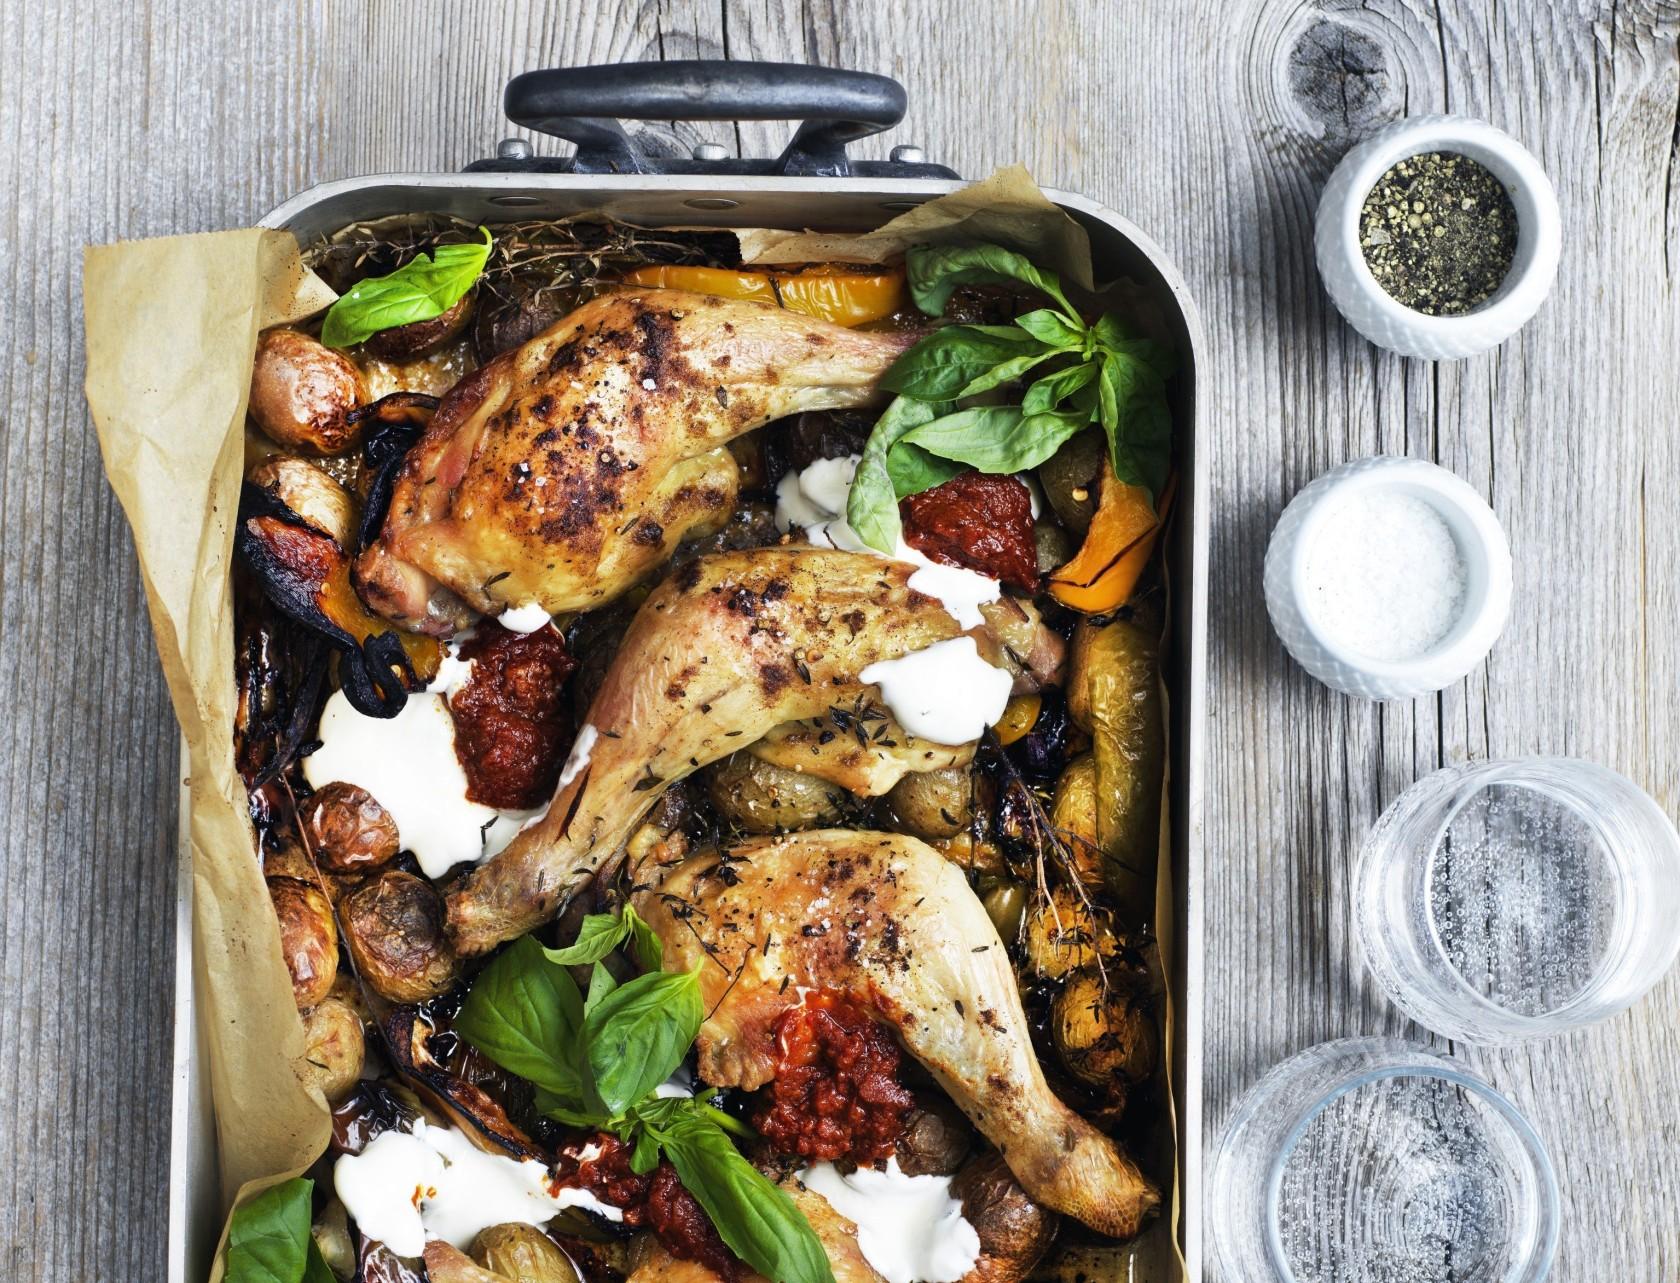 Kylling i fad med grøntsager og en lækker marinade.